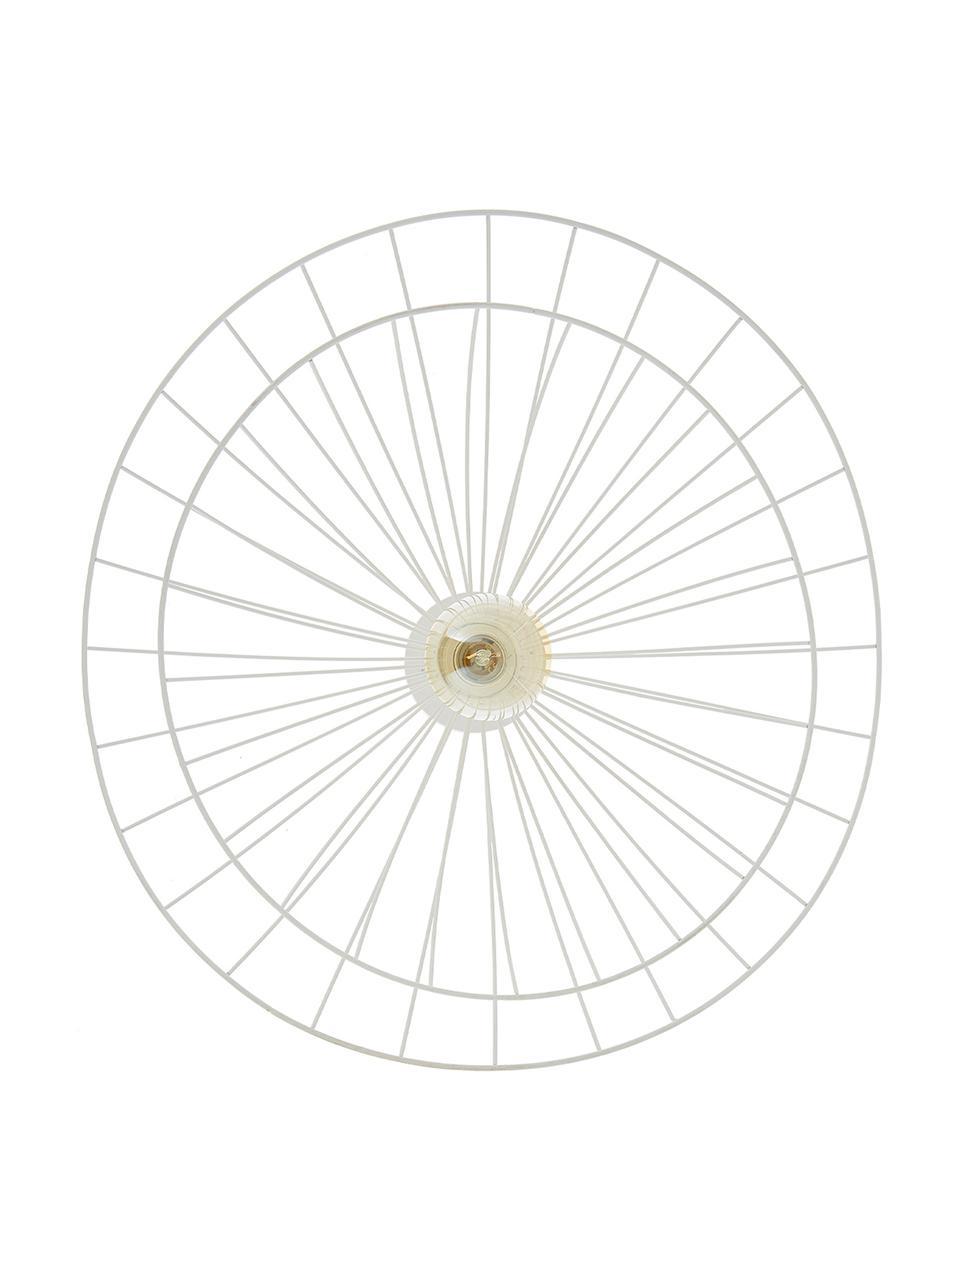 Große Decken- und Wandleuchte Ray, Lampenschirm: Metall, Weiß, Ø 60 x H 20 cm